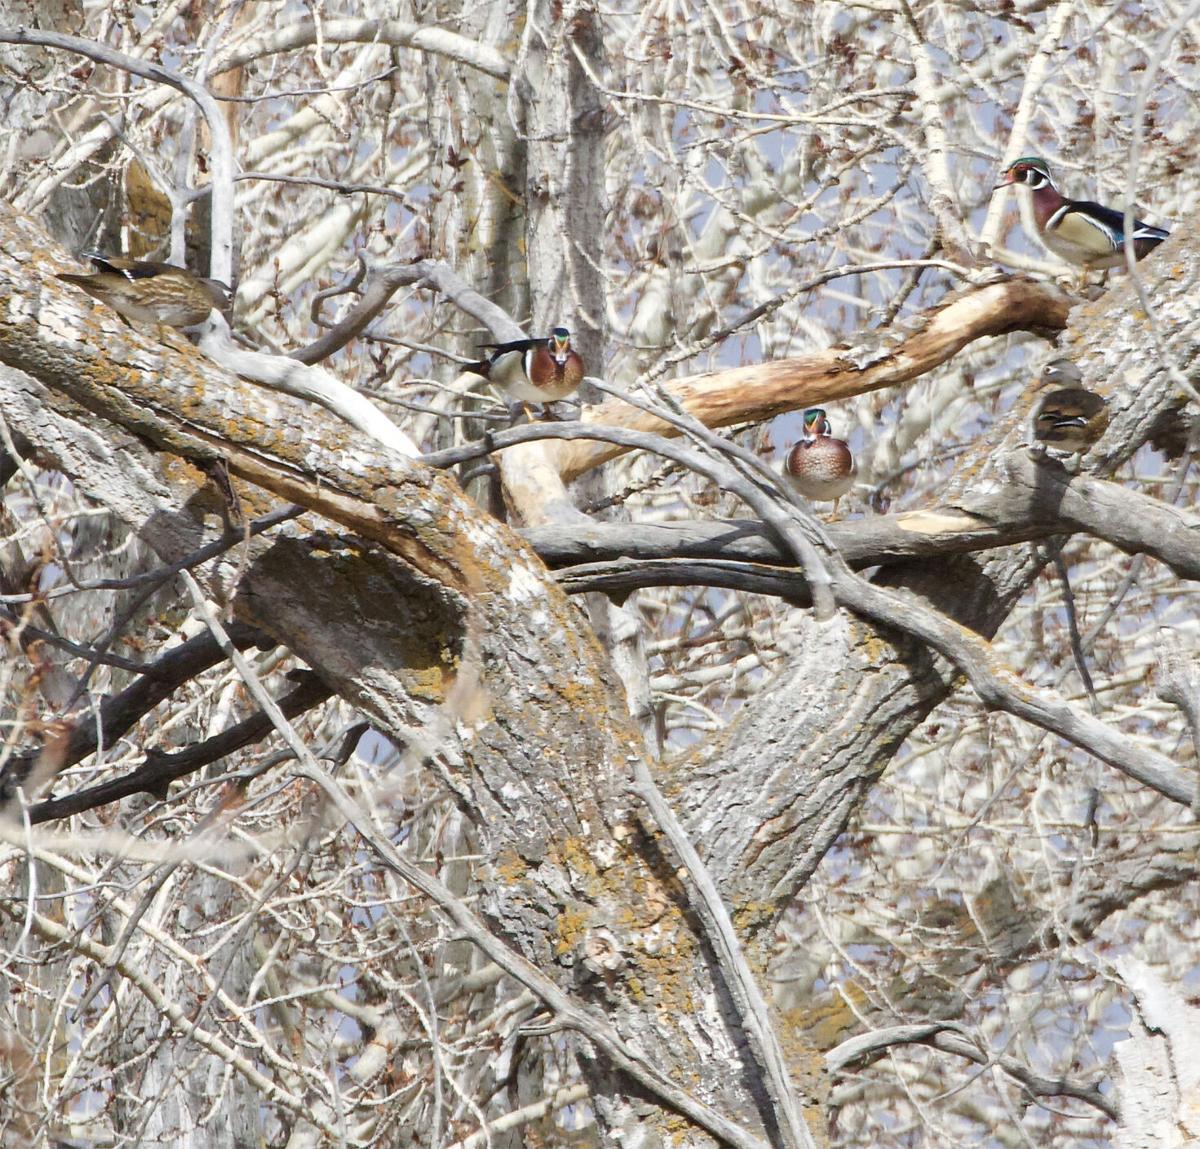 Wood ducks in a tree